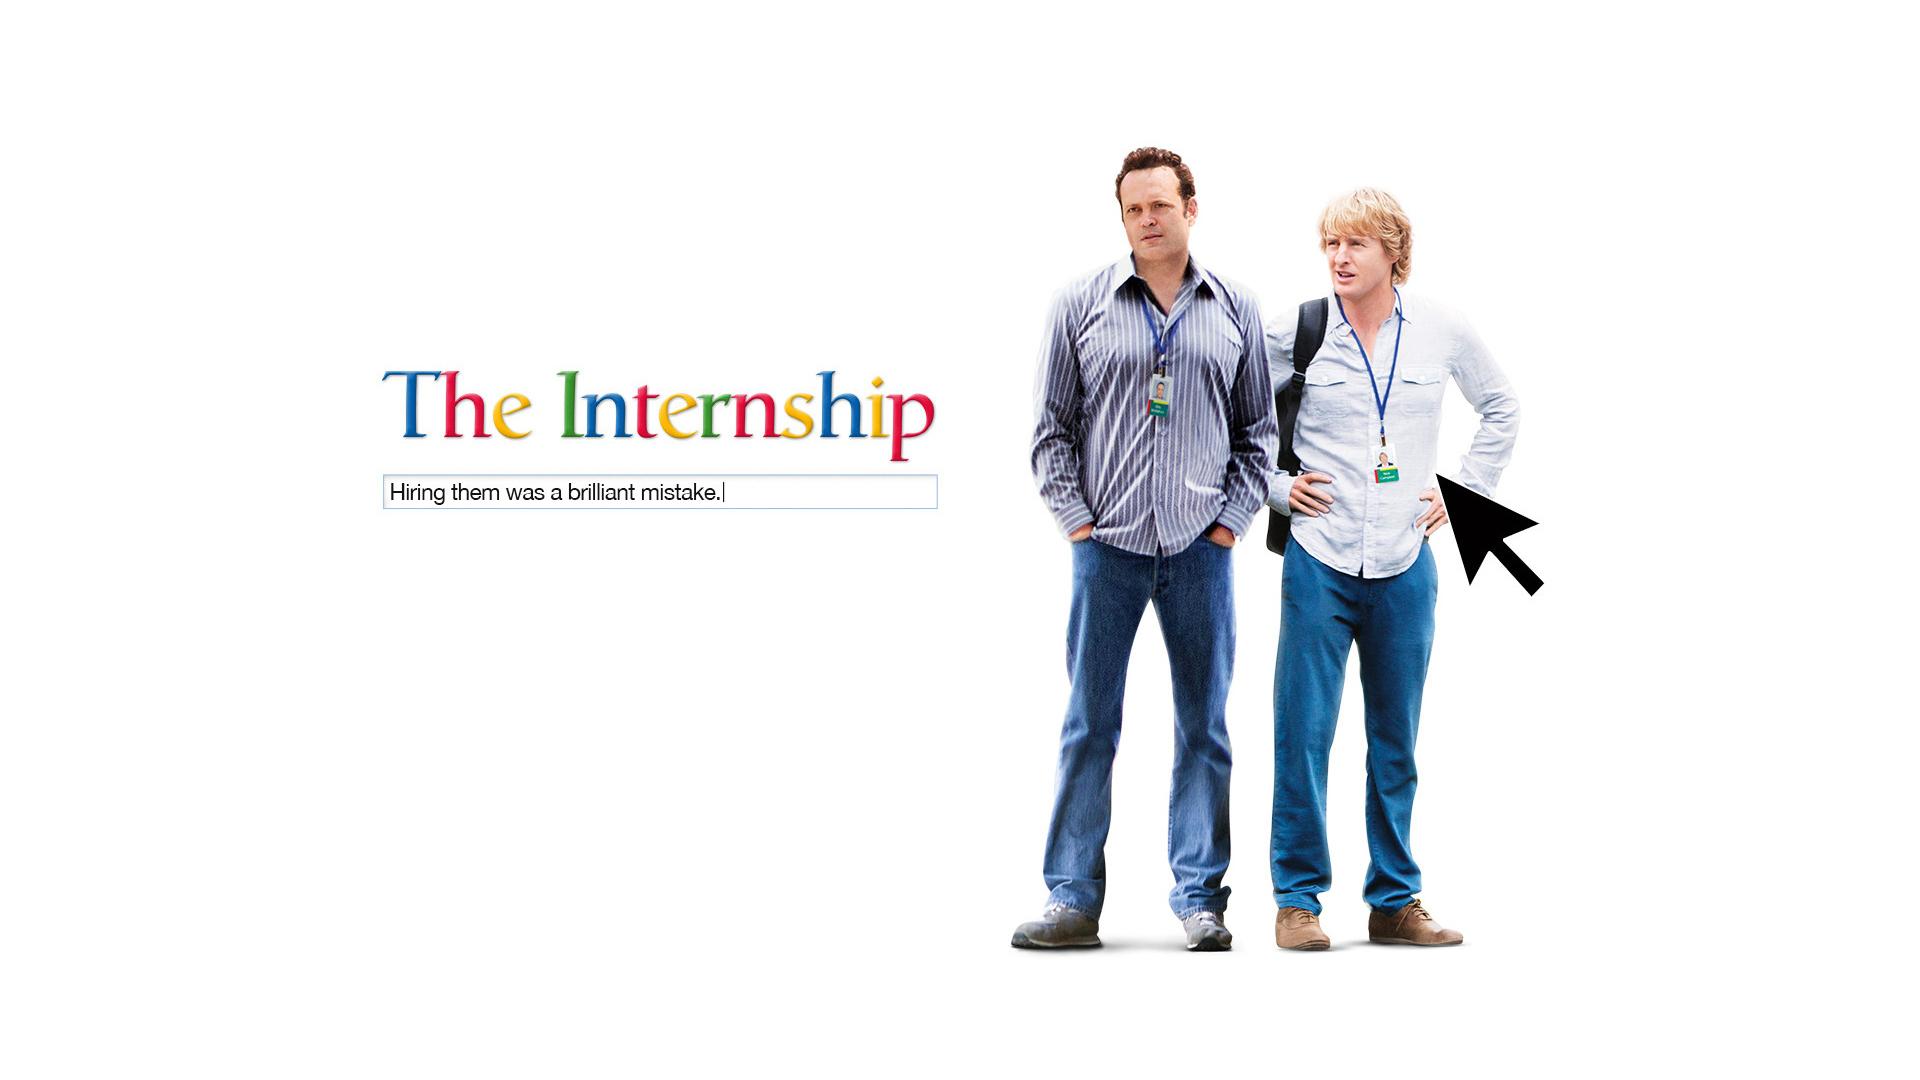 The Internship wallpaper 4